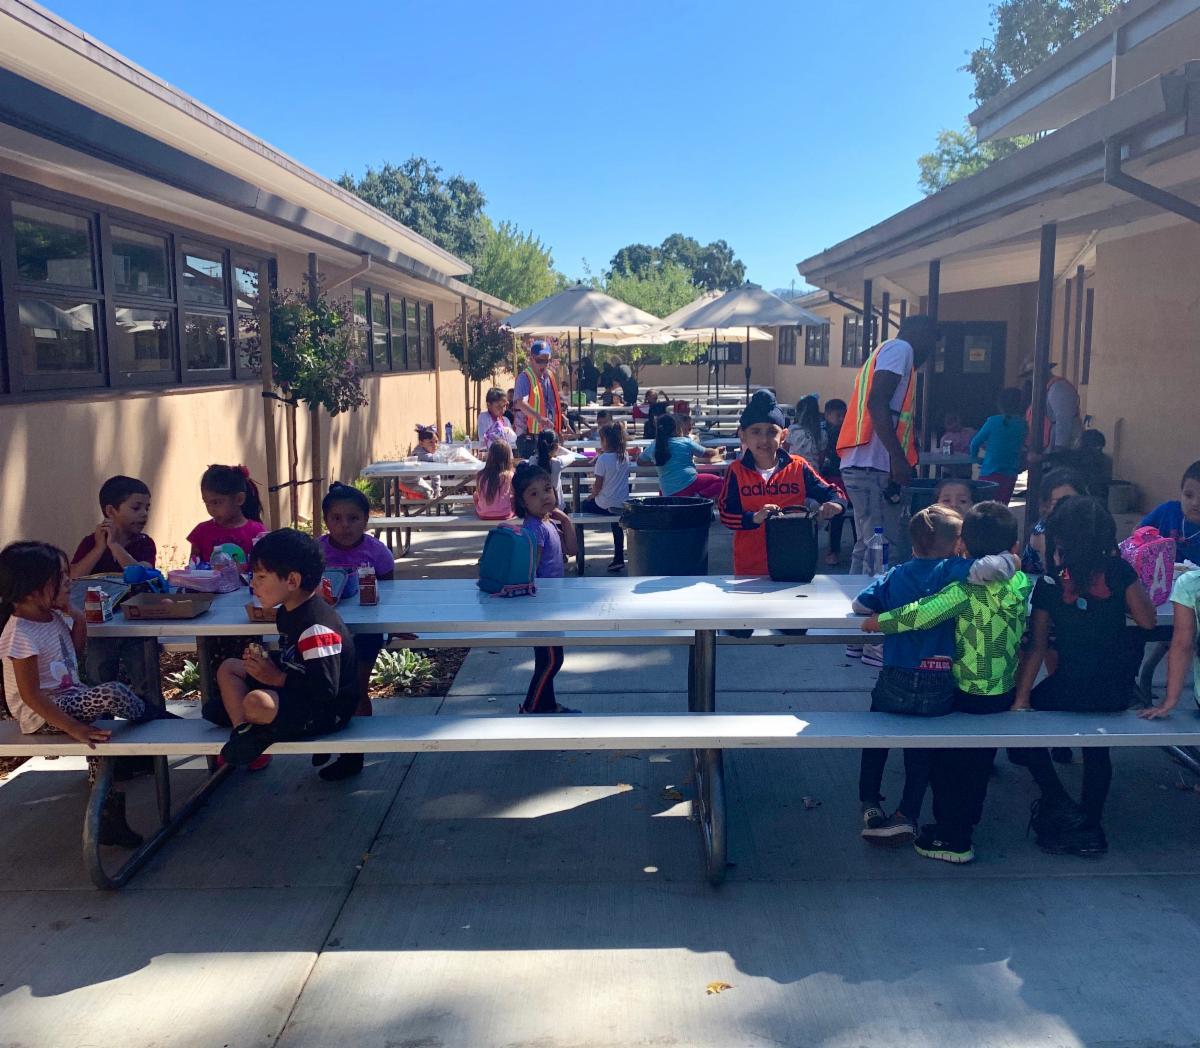 Steel Lane outdoor tables